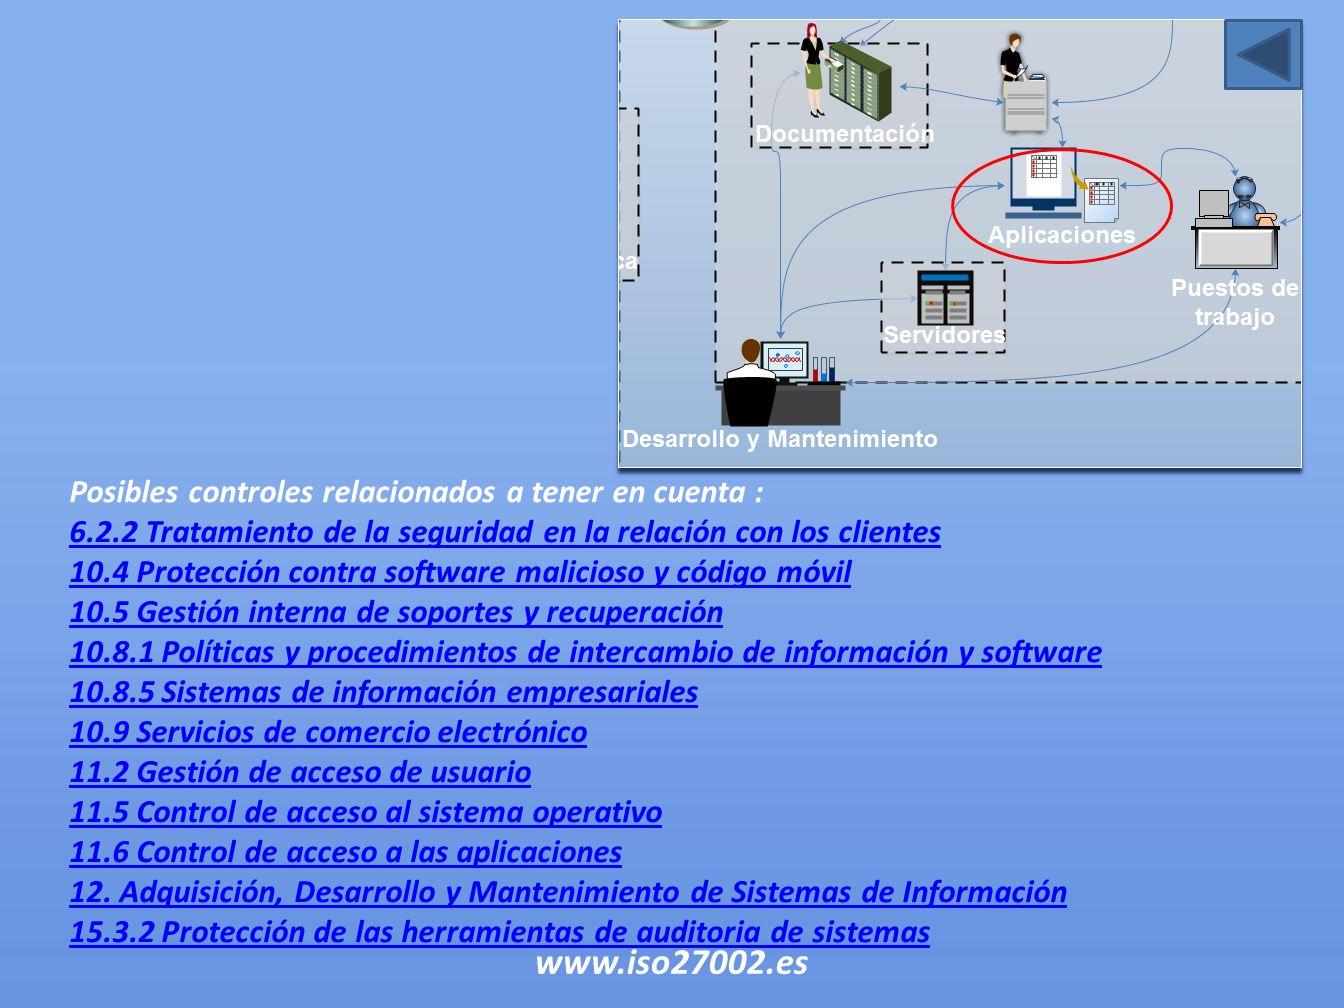 Posibles controles relacionados a tener en cuenta : 6.2.2 Tratamiento de la seguridad en la relación con los clientes 10.4 Protección contra software